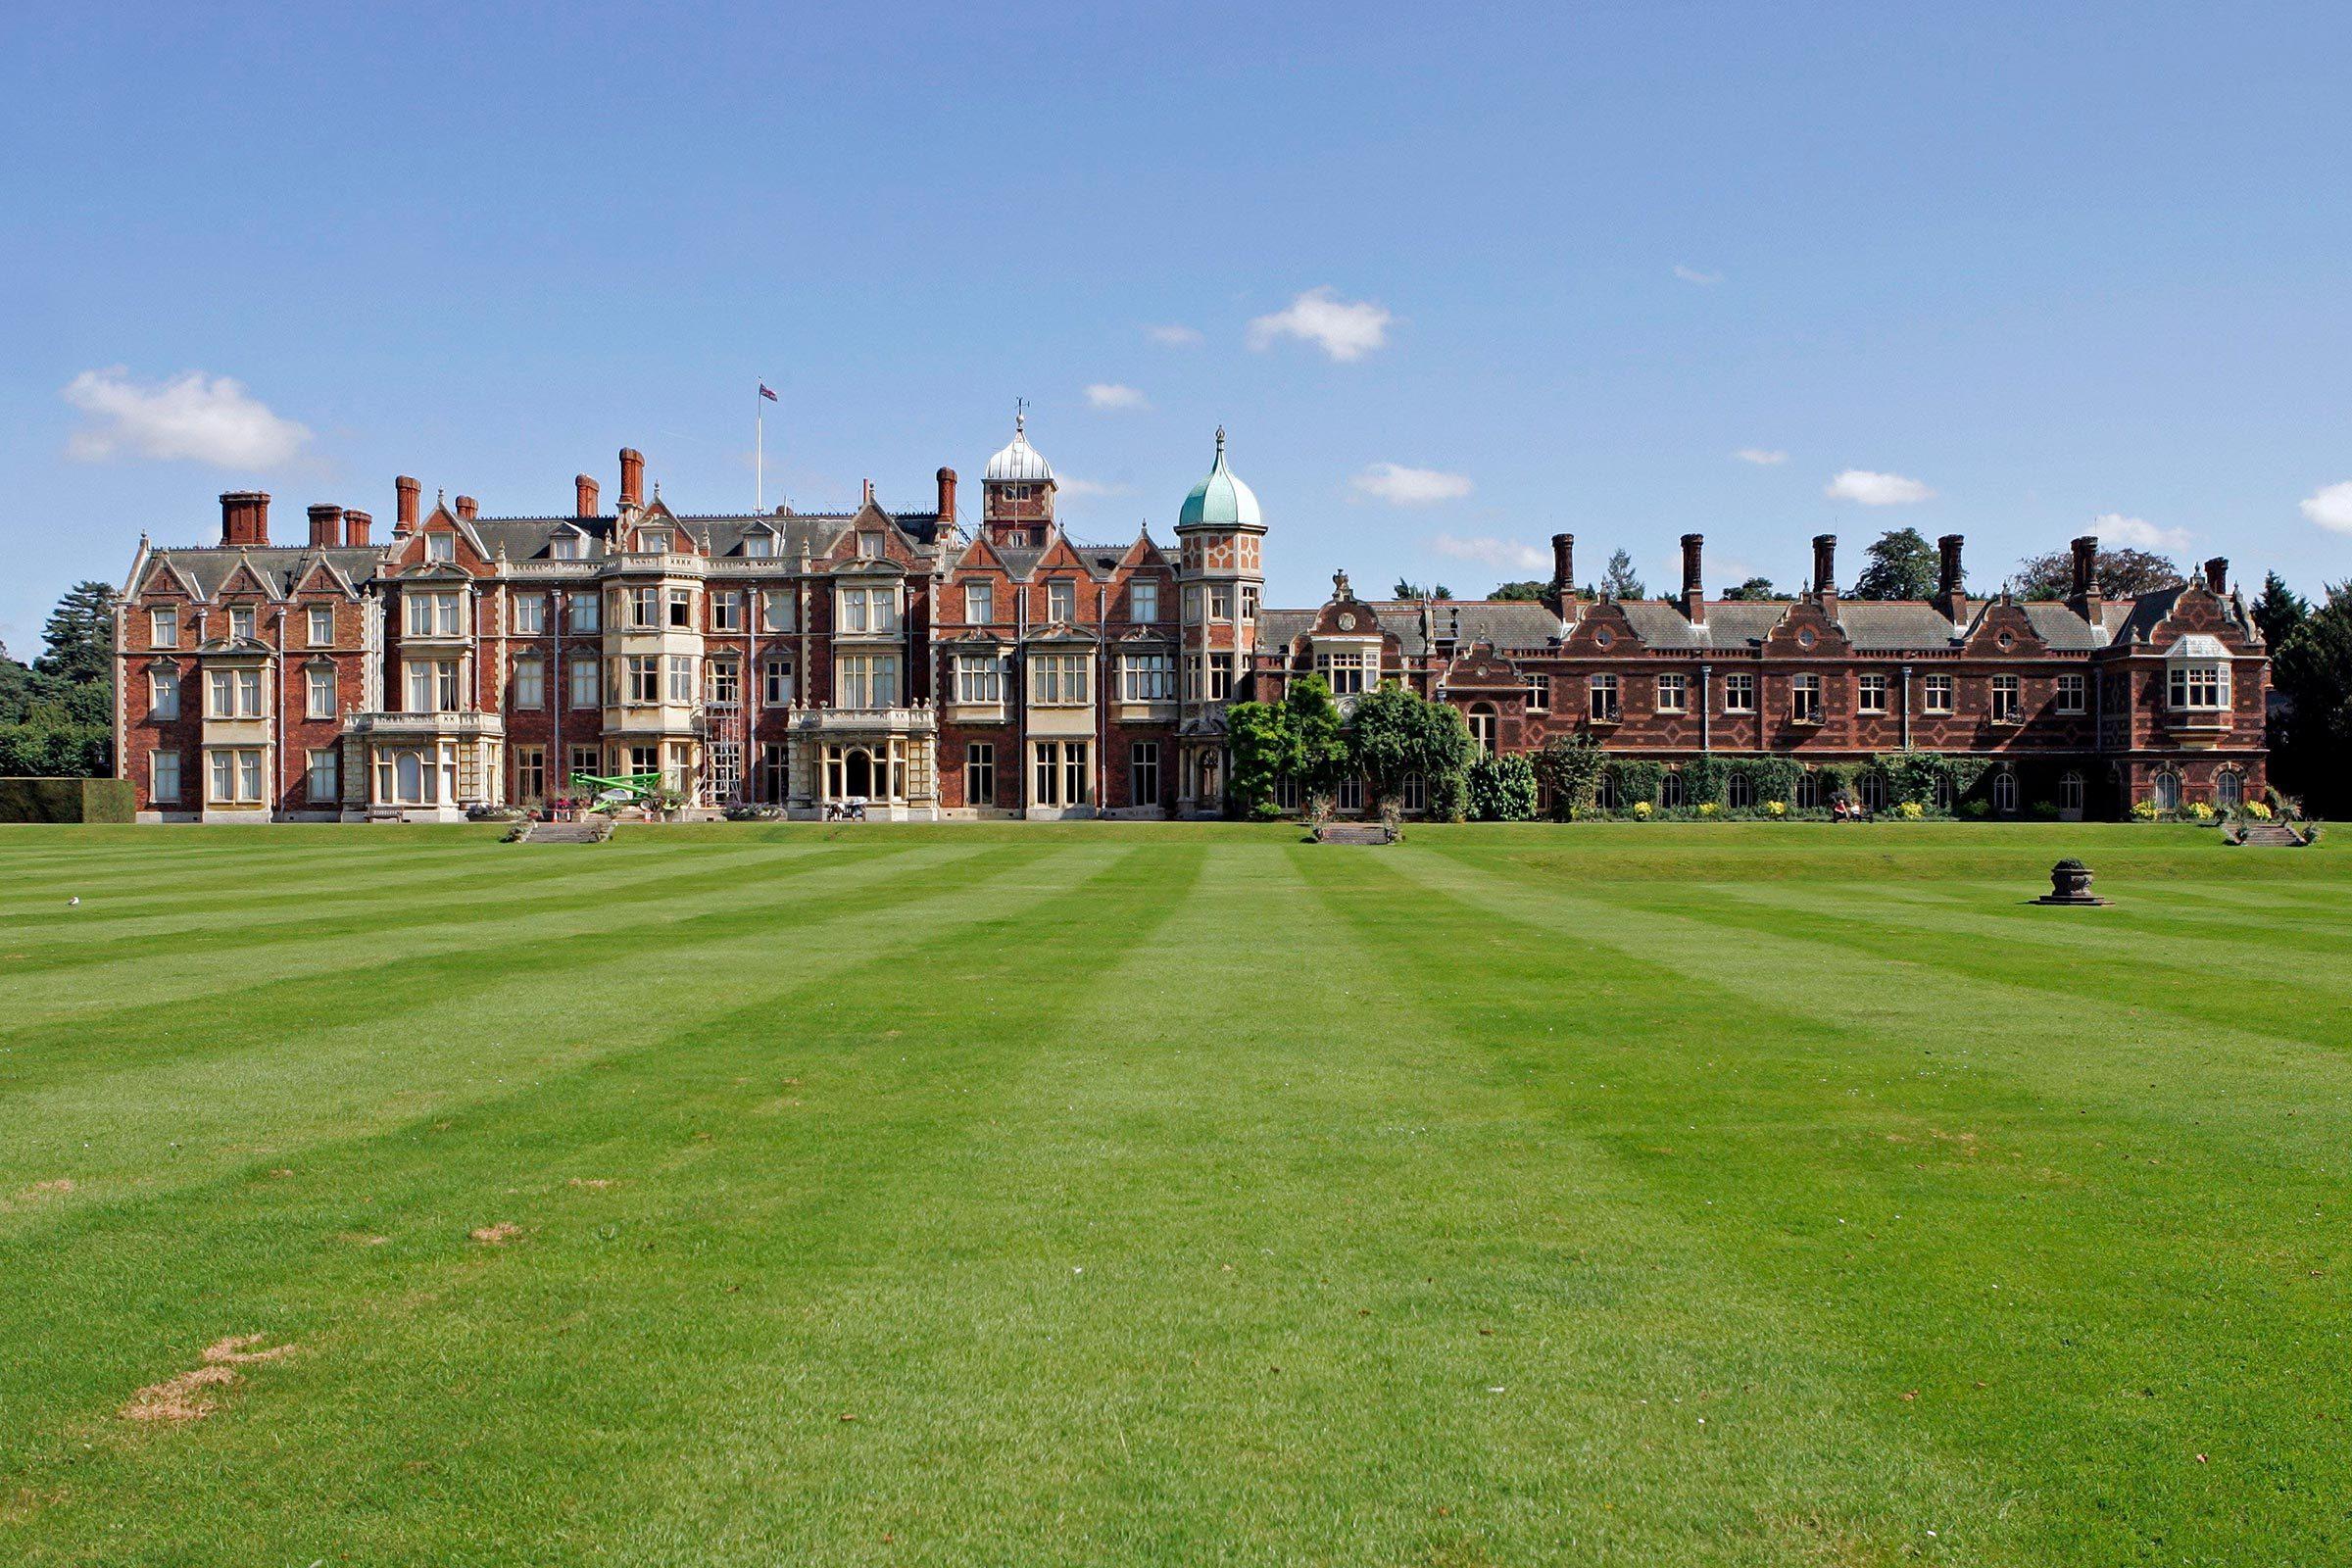 Royal Sandringham House